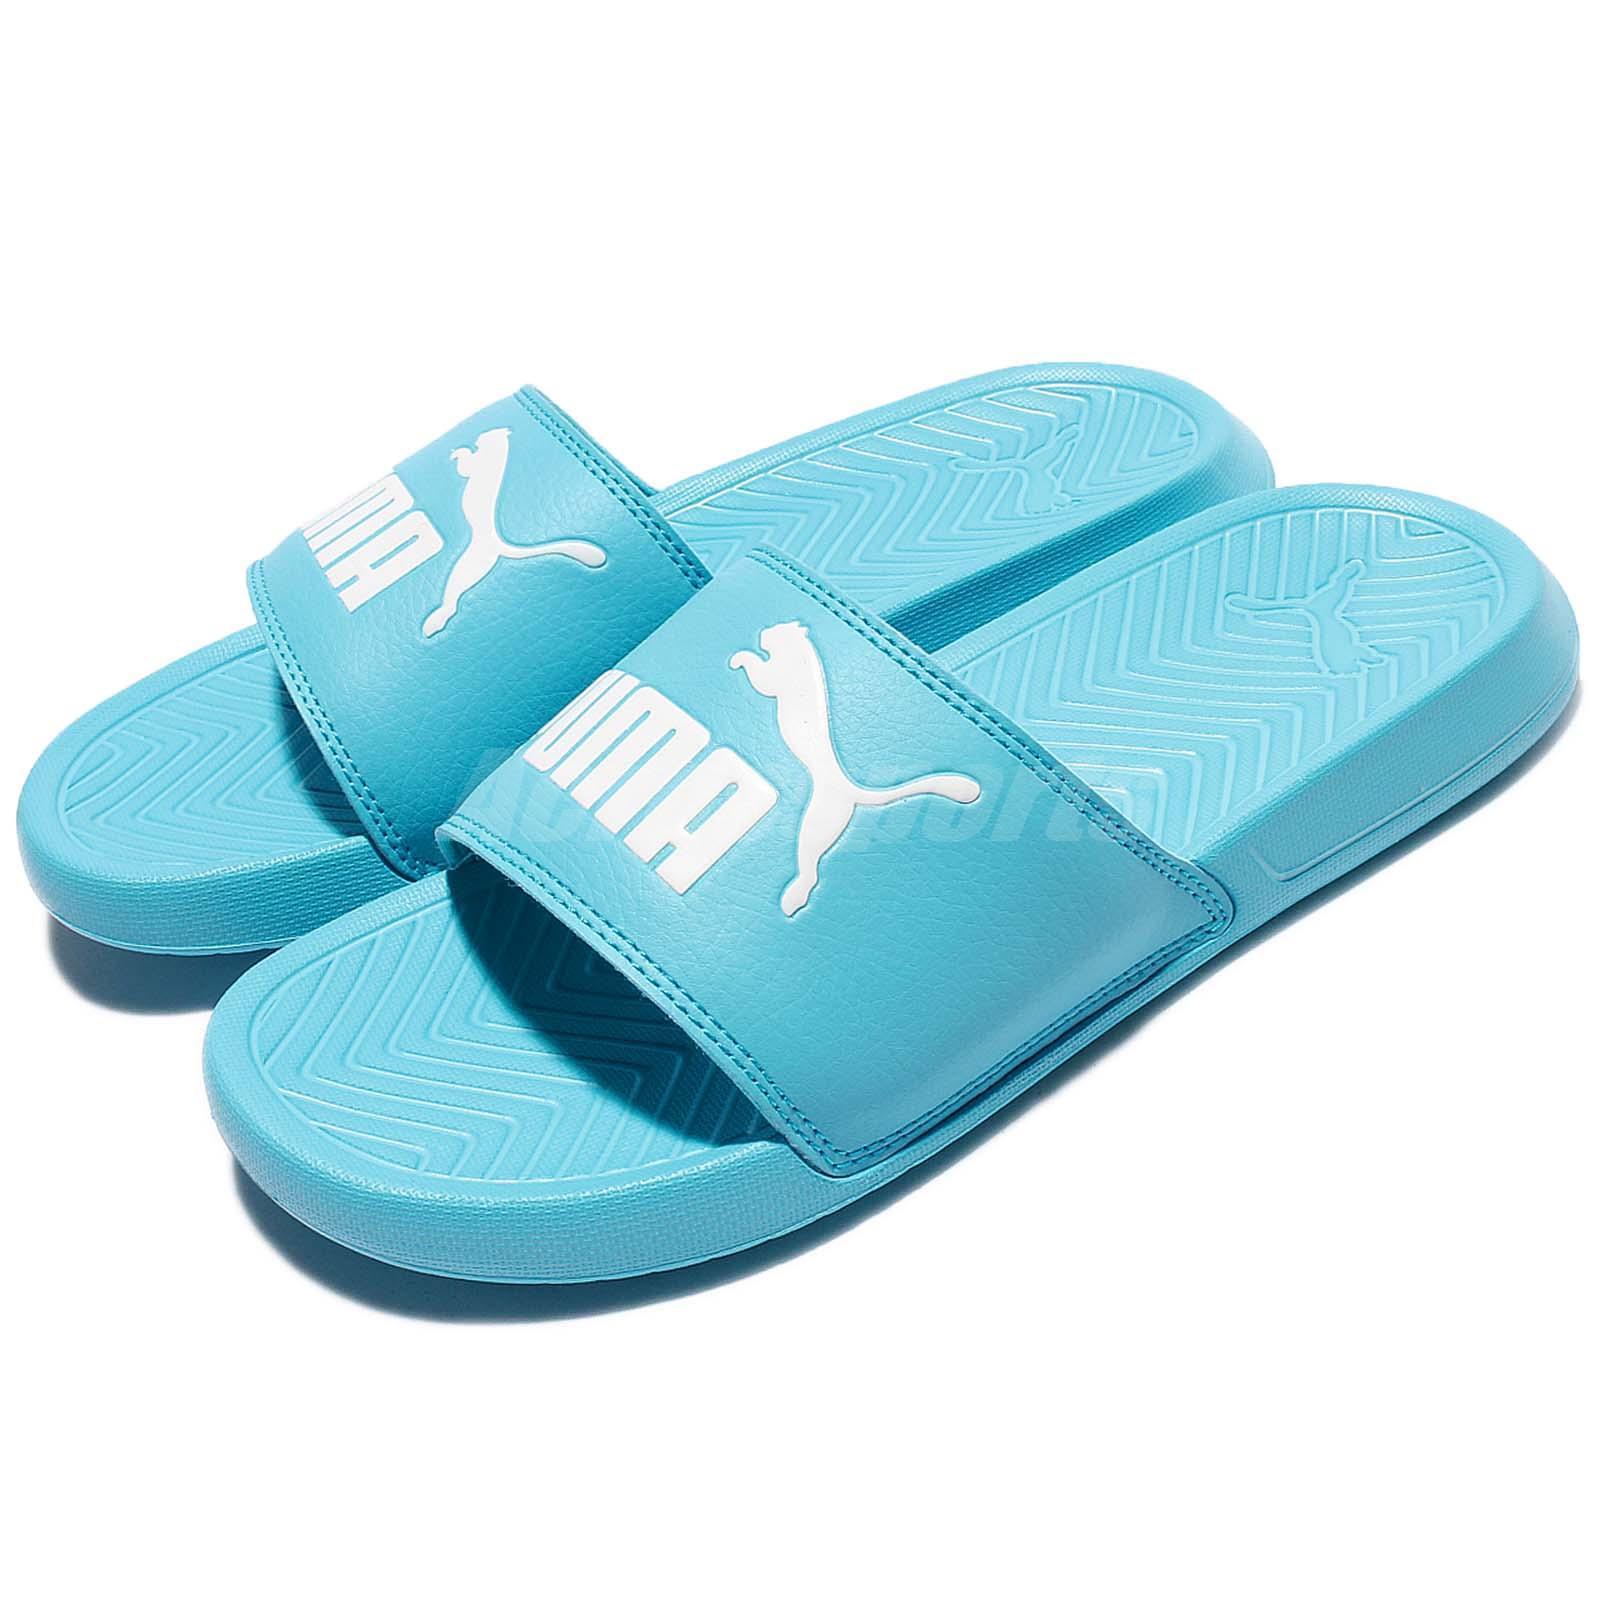 58c556cf62d745 Details about Puma Popcat Rubber Blue White Men Women Sandal Slippers  Slides 360265-17